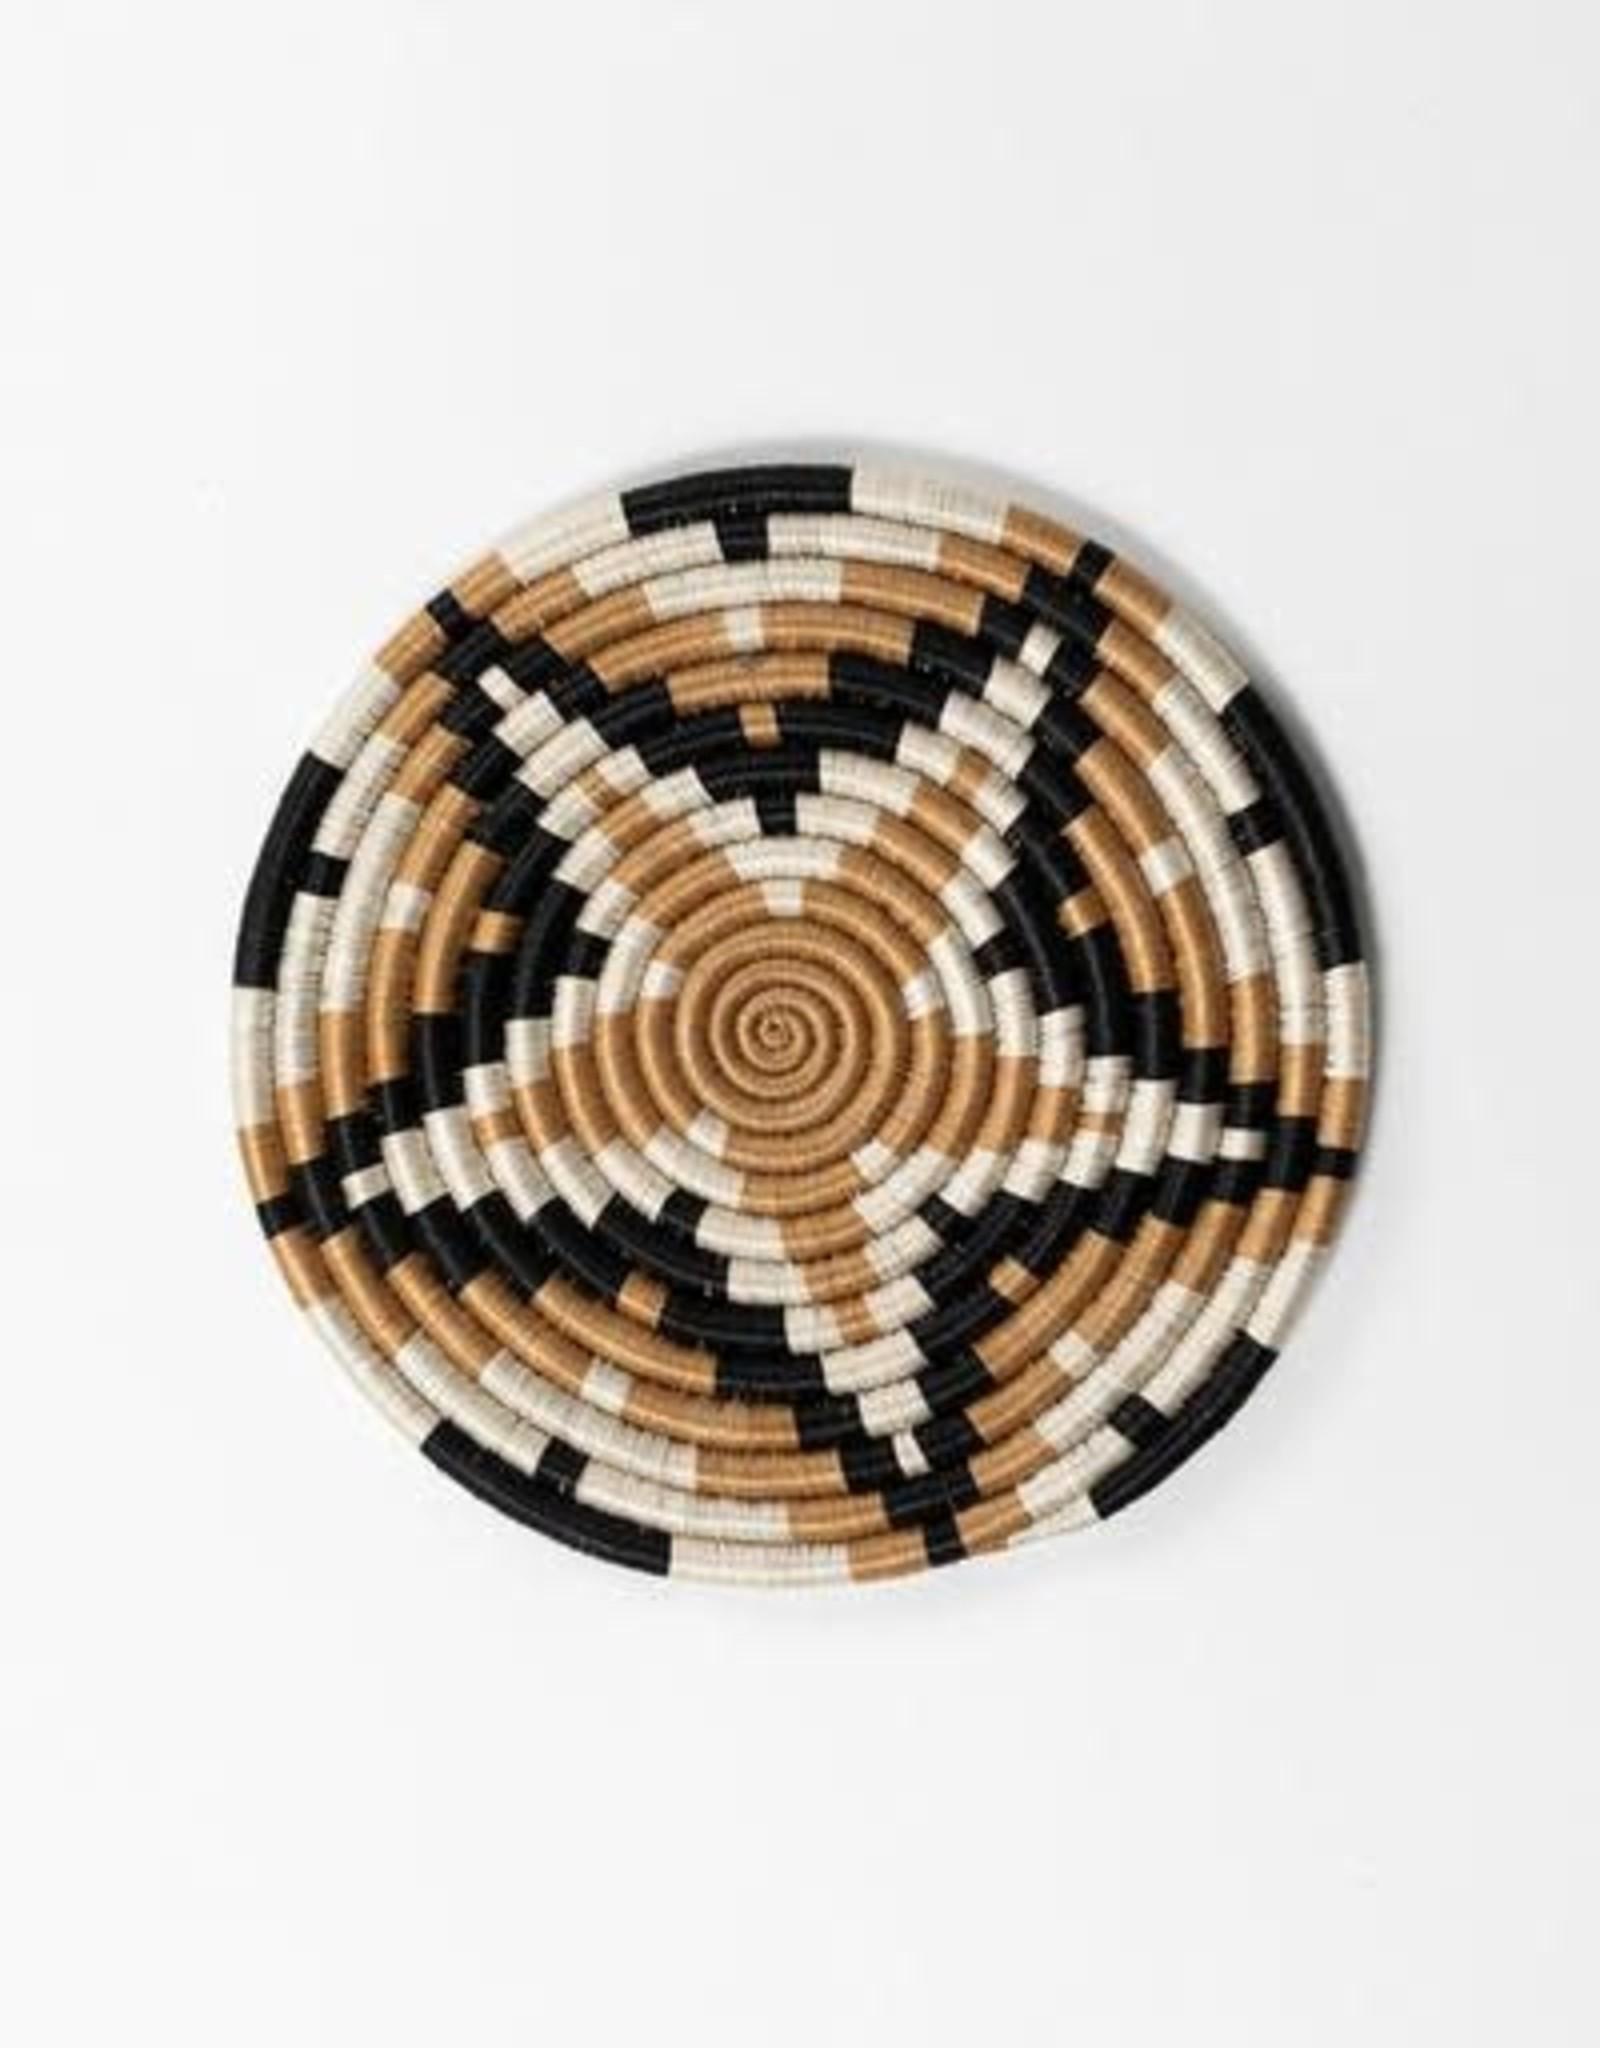 Soko Home Hand Woven Trivet- Starburst